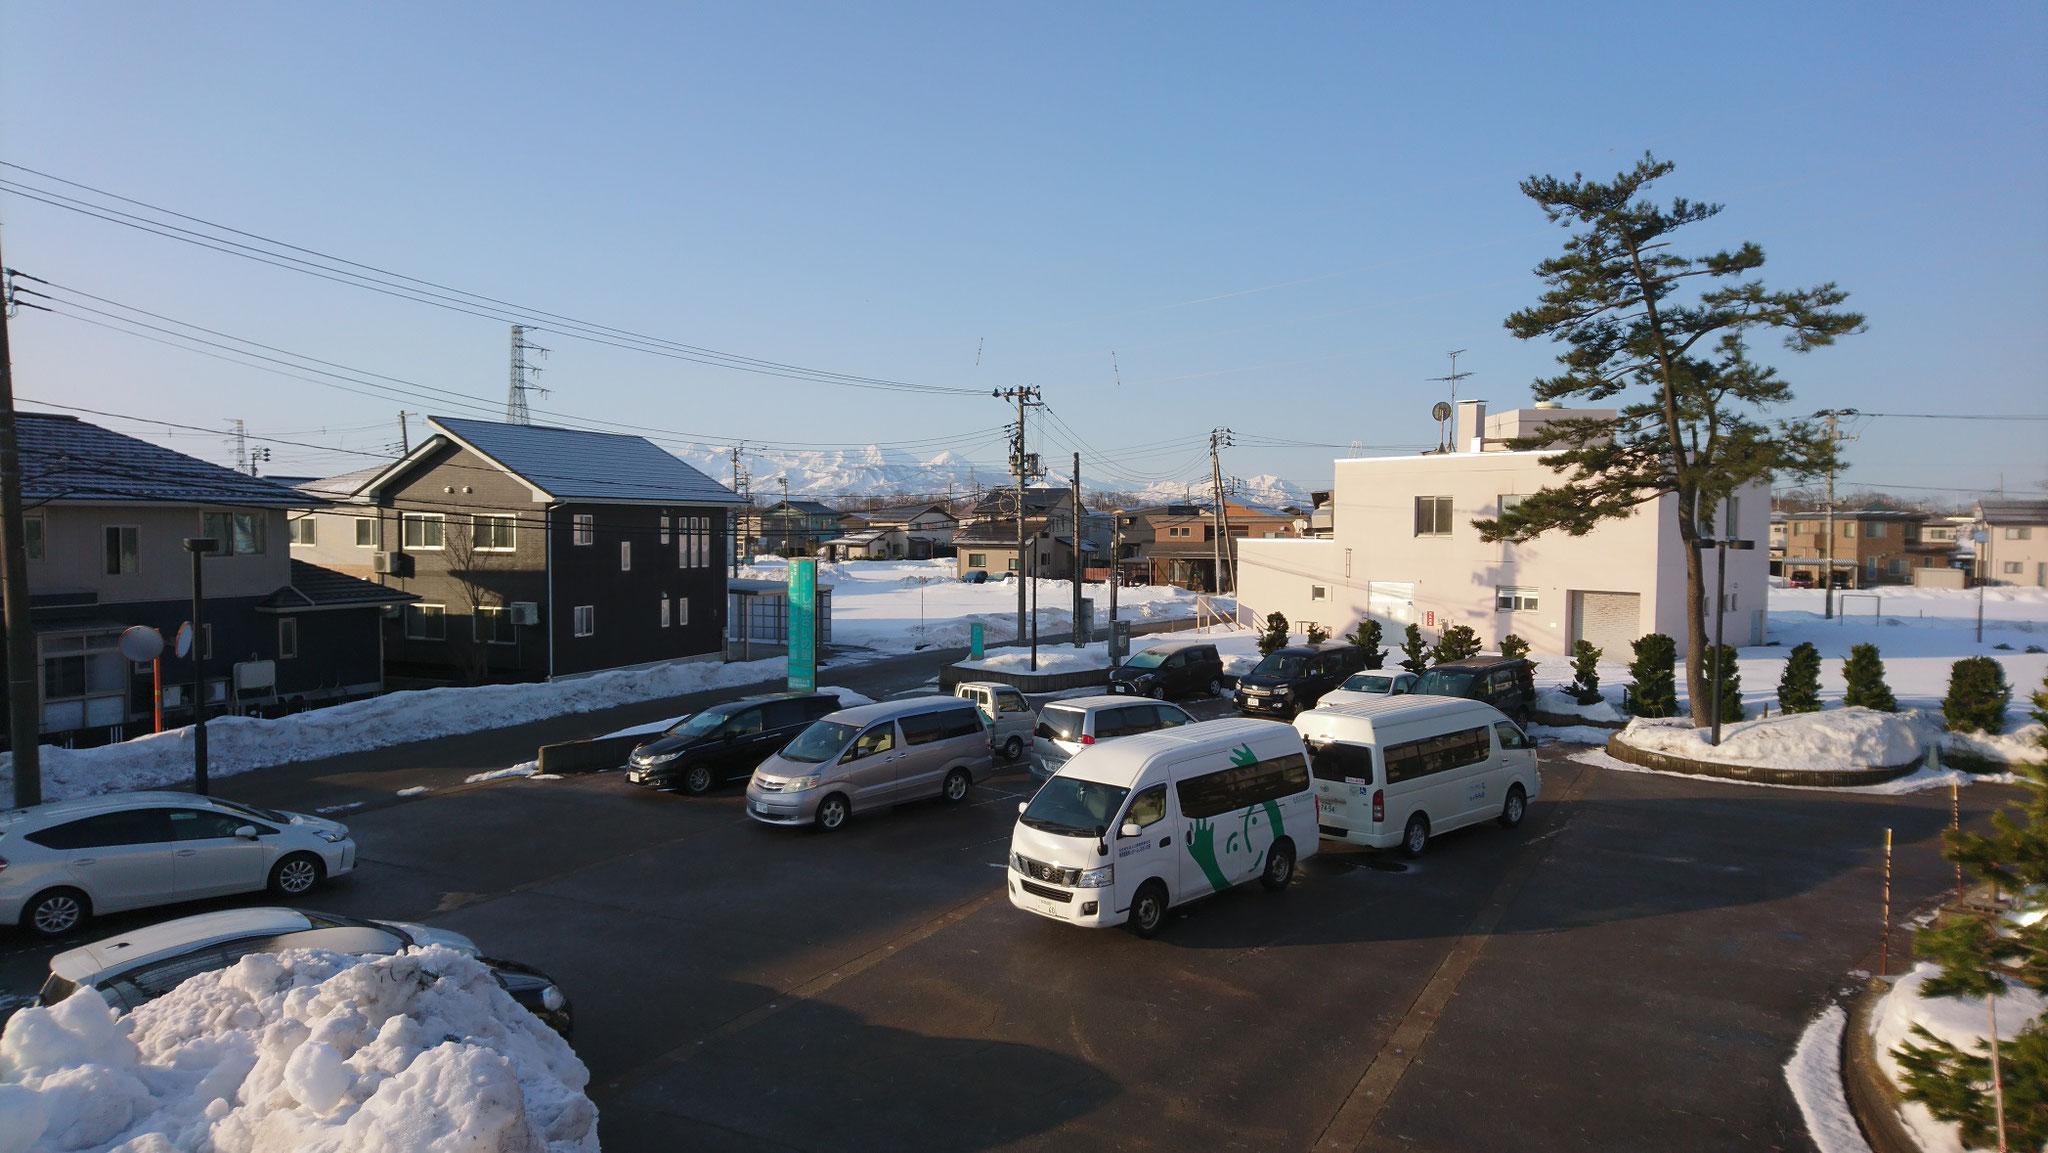 除雪業者さんと当スタッフのおかげで、駐車場もいつもの状態に戻りつつあります